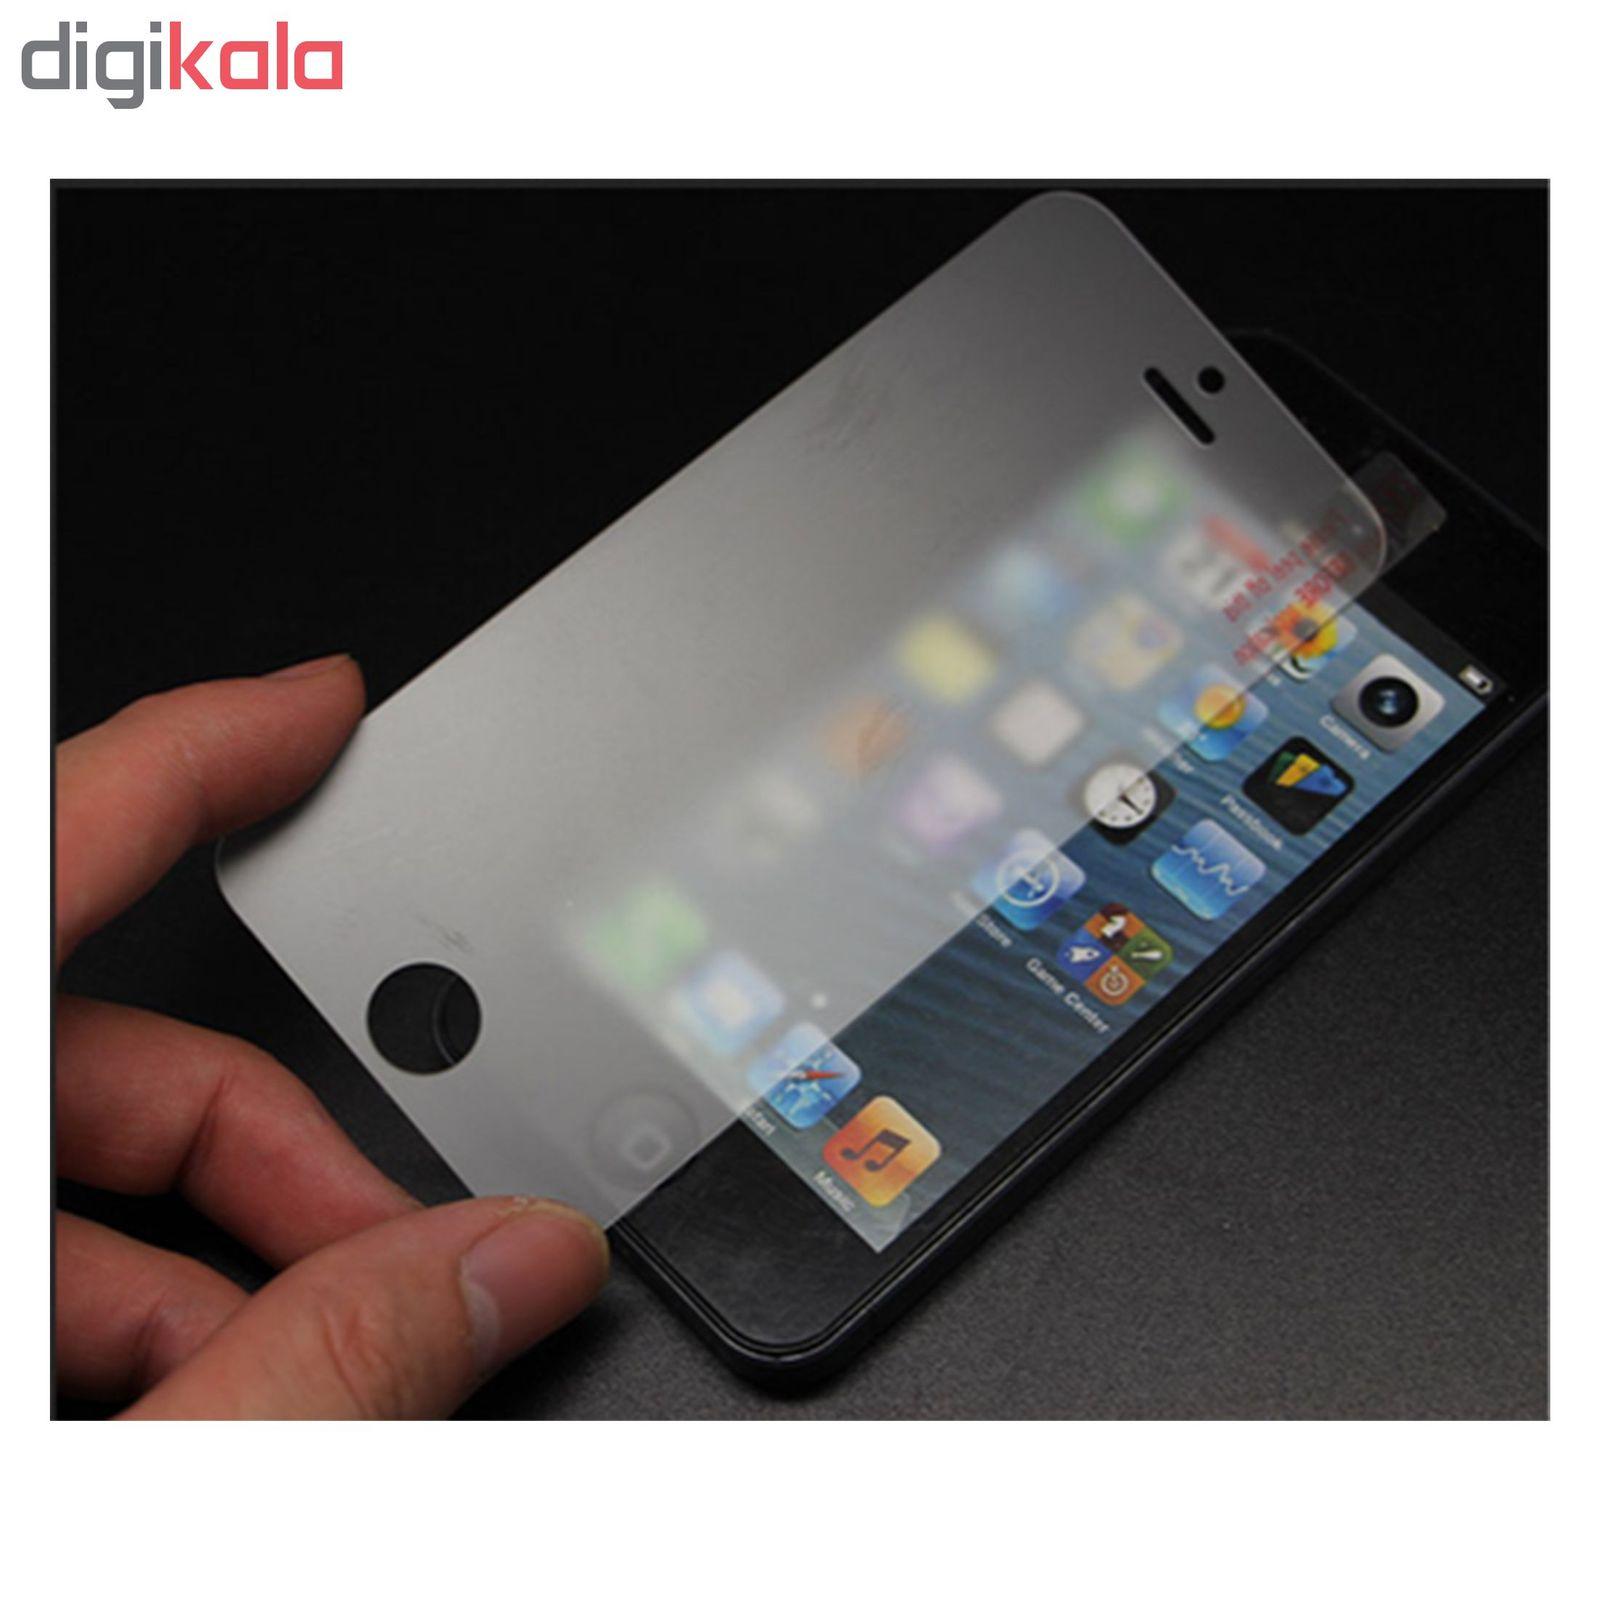 محافظ صفحه نمایش و پشت گوشی Hard and Thick مدل F-01 مناسب برای گوشی موبایل اپل Iphone X/Xs به همراه محافظ لنز دوربین main 1 5